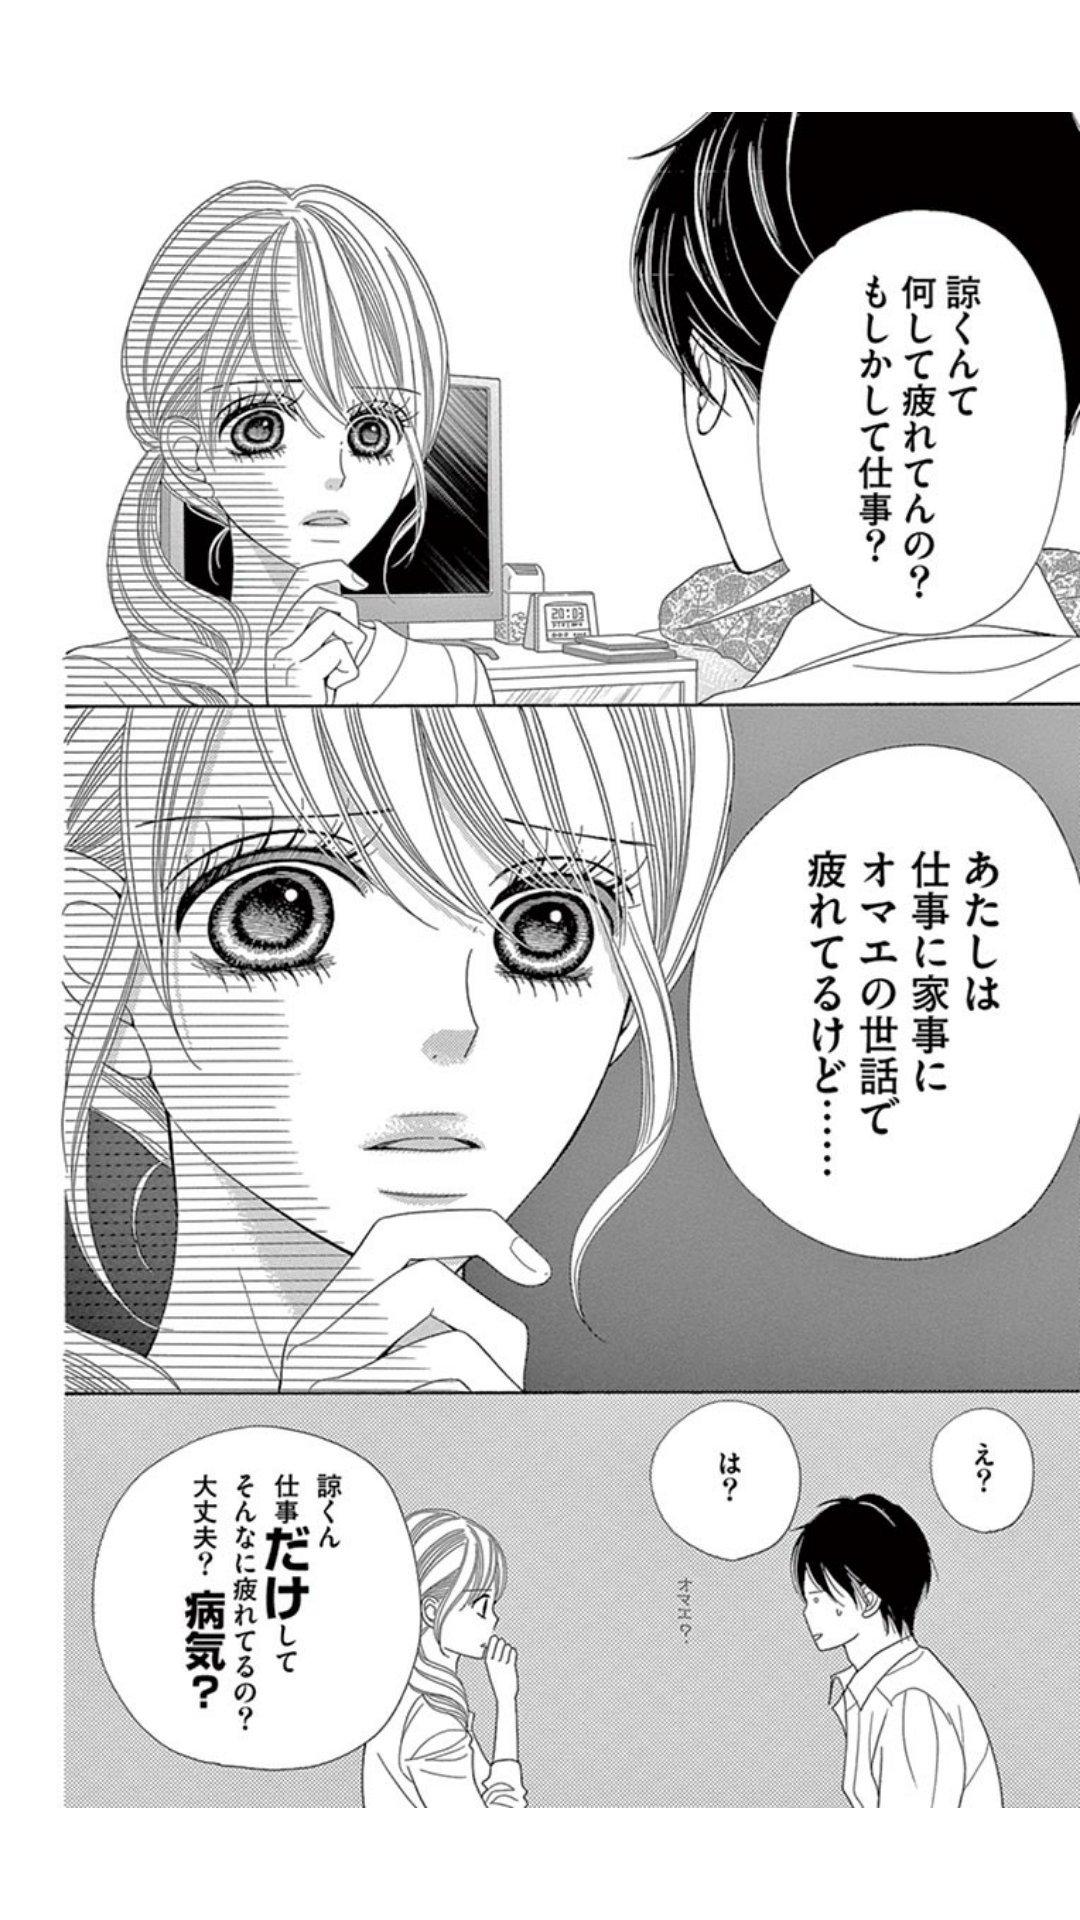 深夜のダメ恋図鑑という漫画で、女性陣の男性陣に対する毒舌っぷりがヤバすぎるww